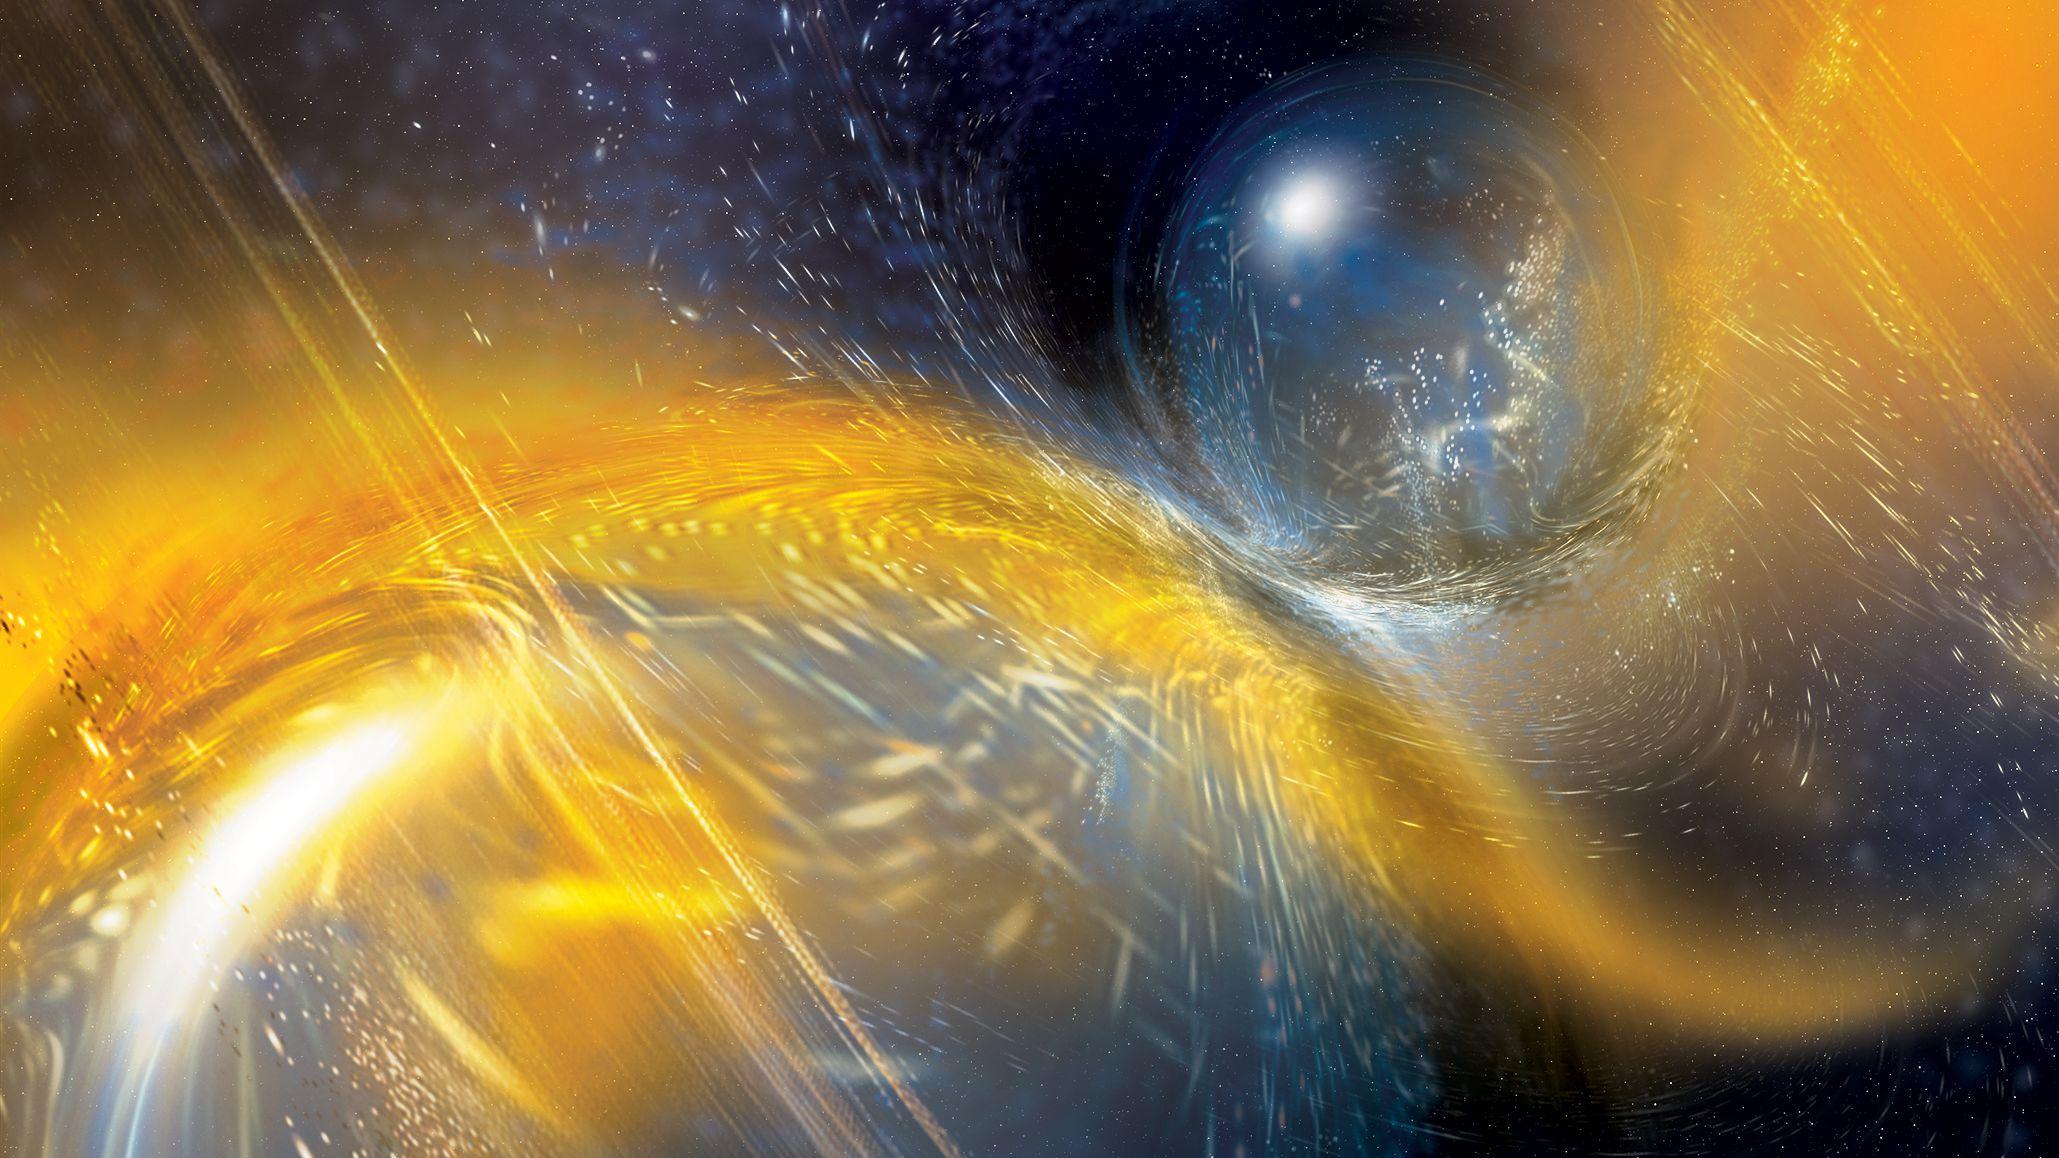 中性子星同士の衝突による重力波を観測、史上2回目